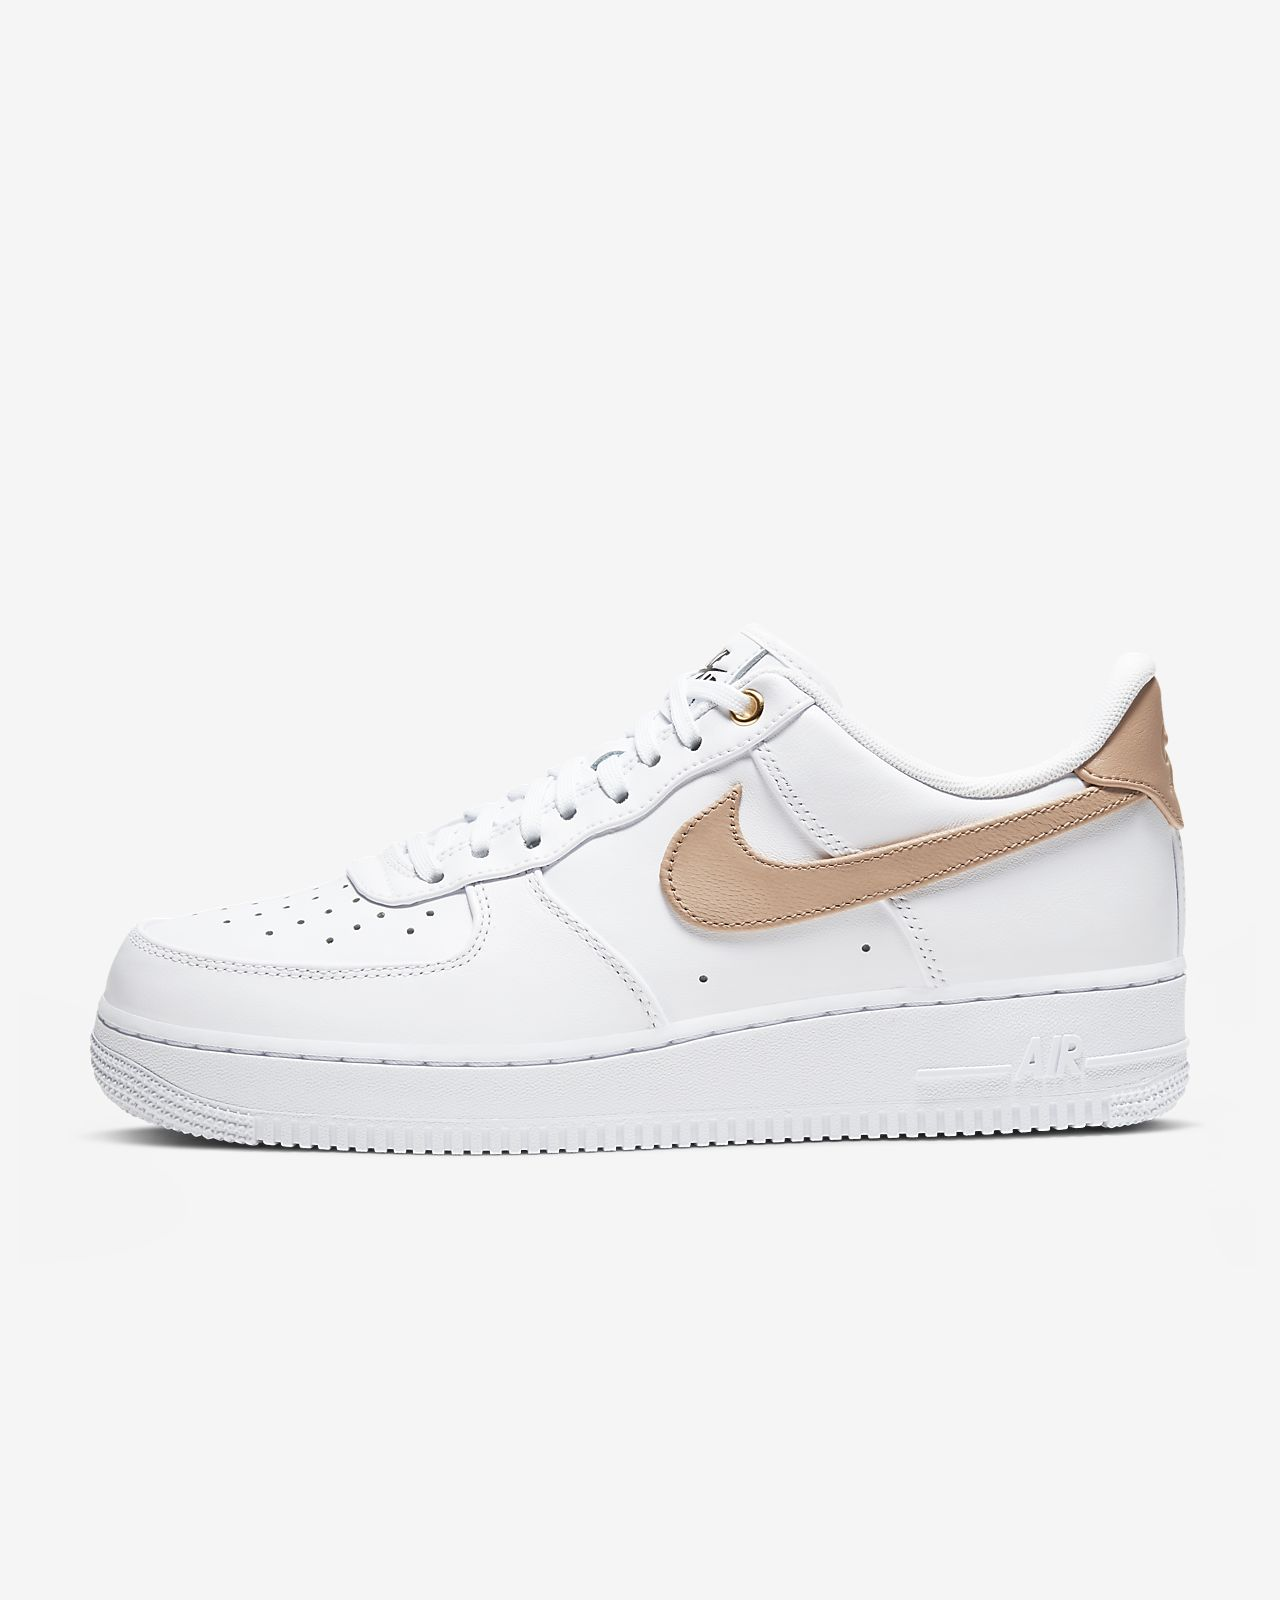 Nike Air Force 1 Premium Men's Shoe